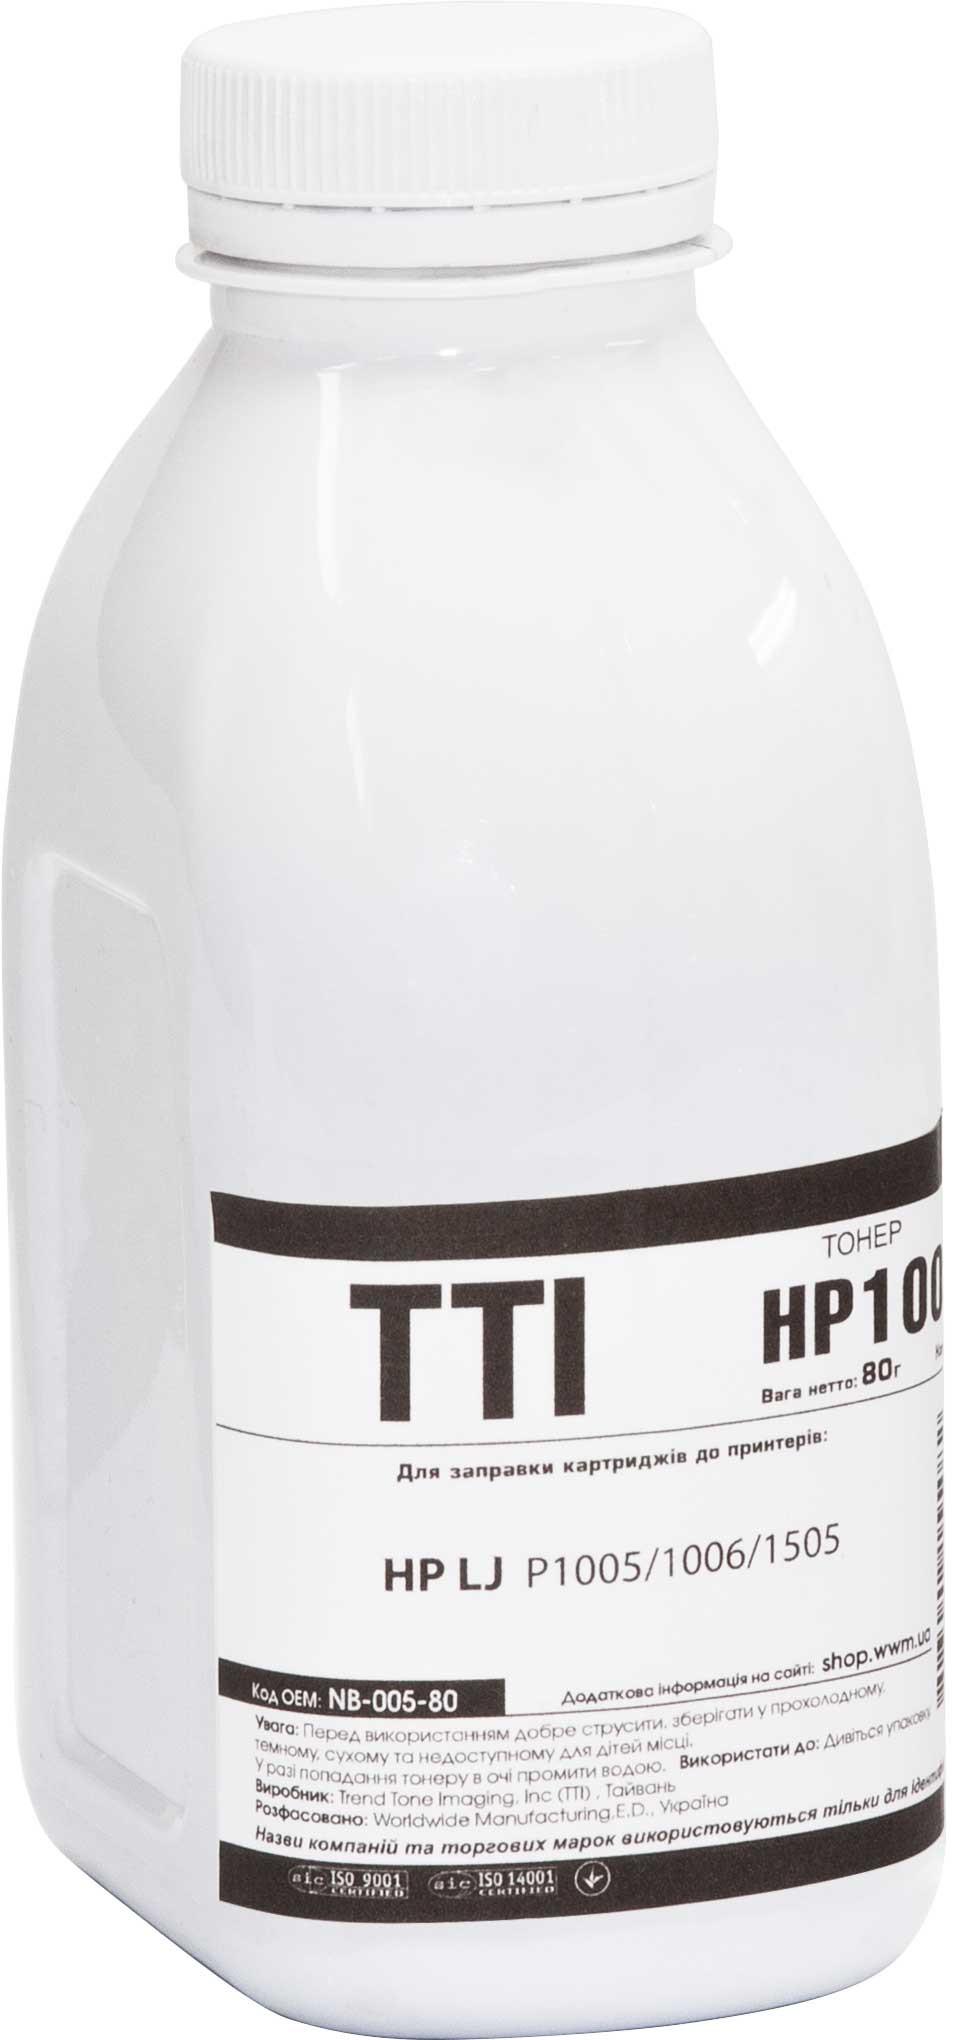 Купить Тонер TTI for HP LJ P1005/1006/1505 Black бутль 80g, NB-005-80